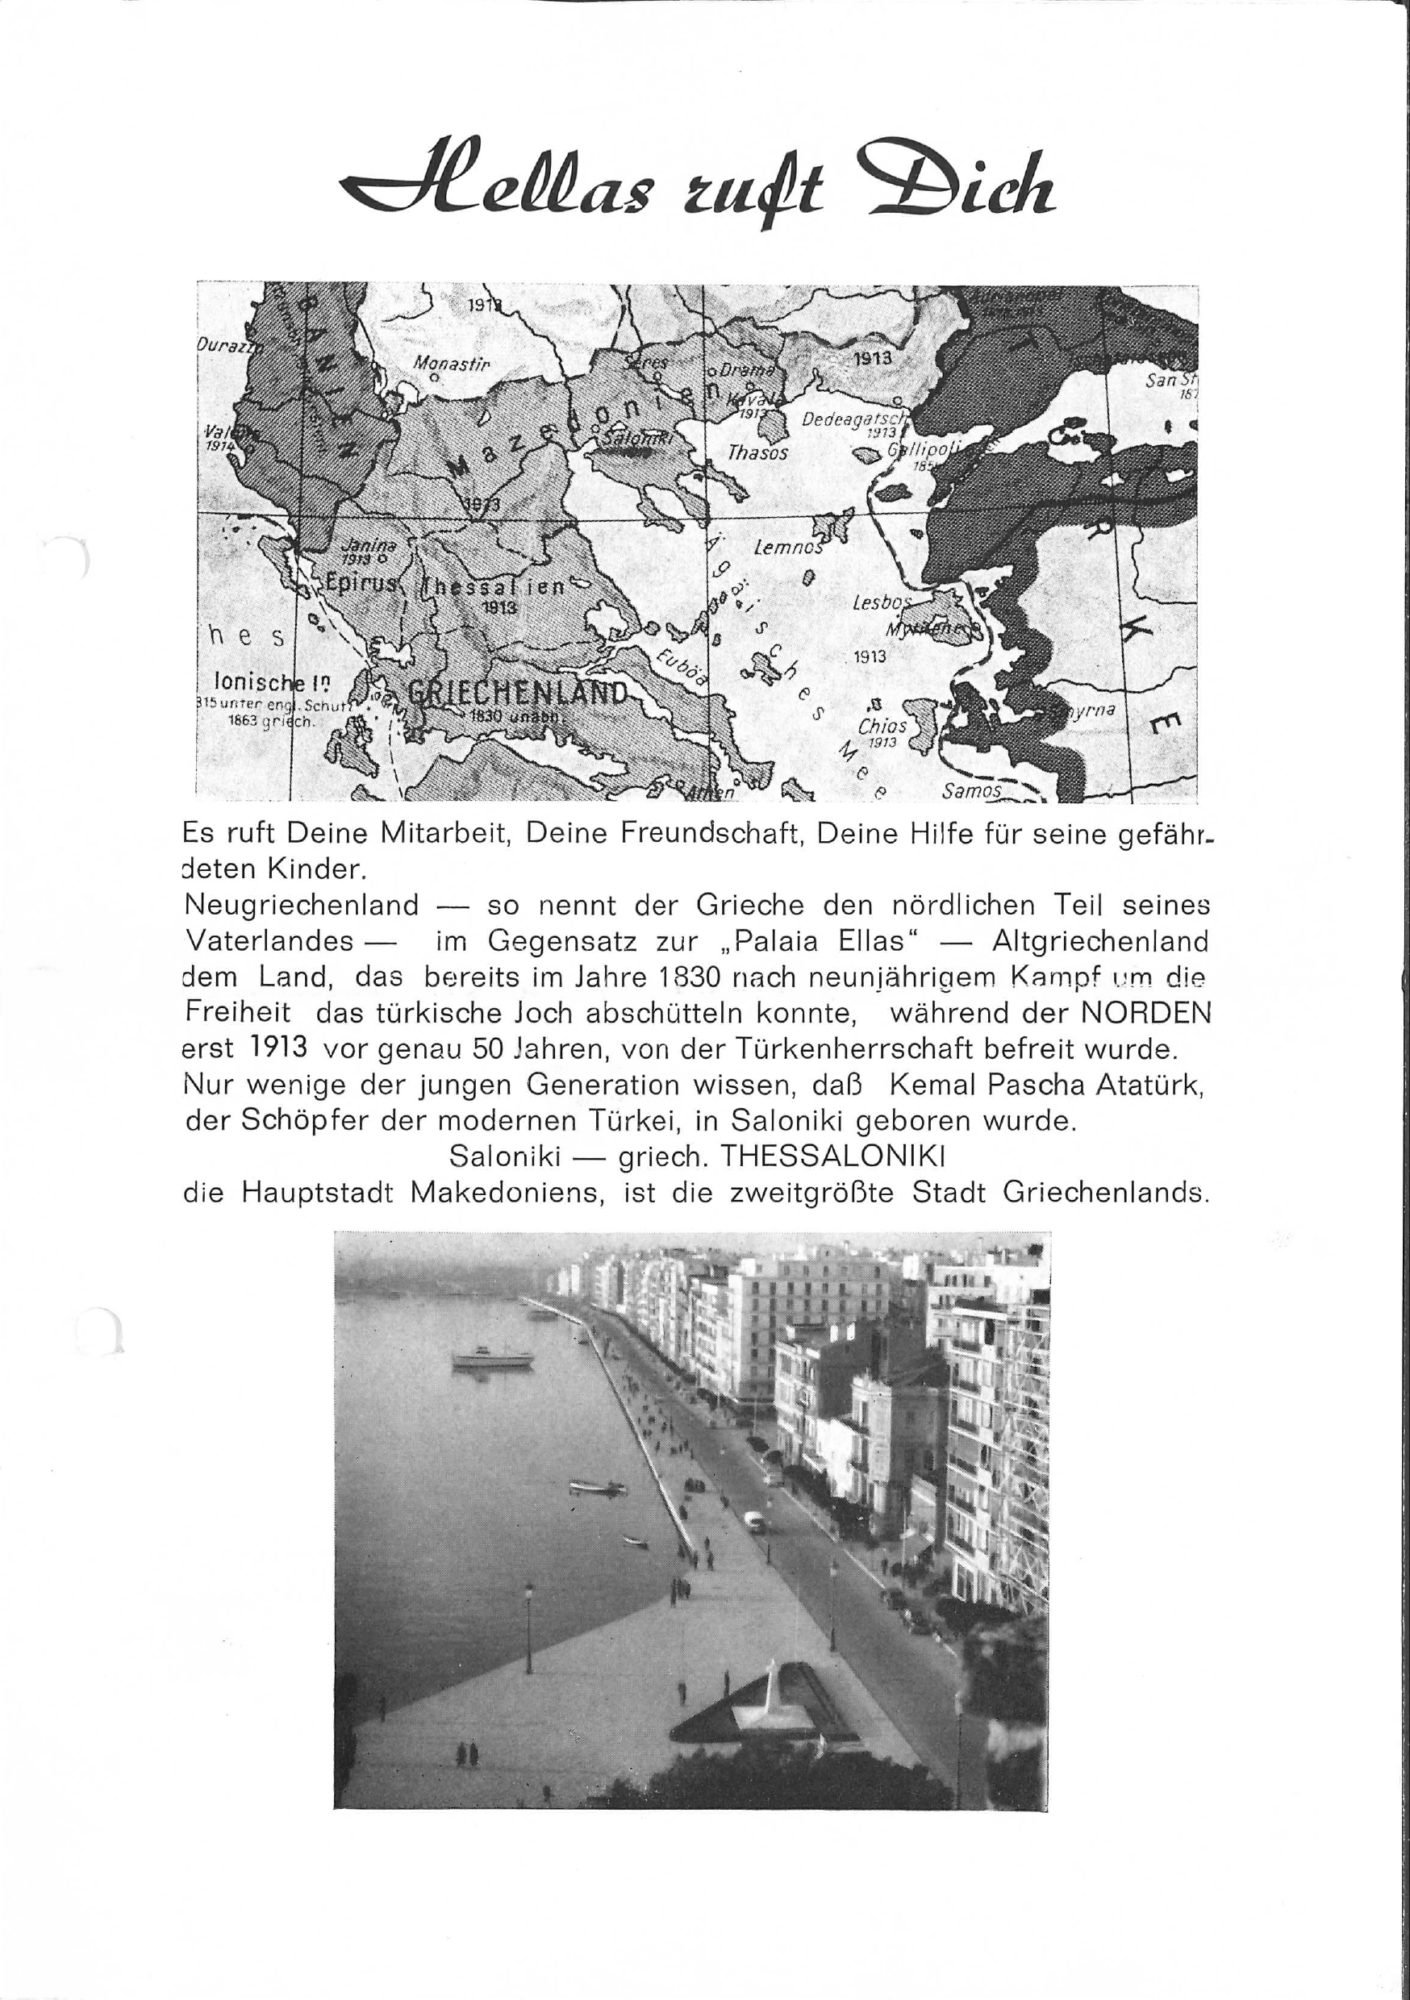 """Scan der Broschüre """"Hellas ruft Dich""""."""